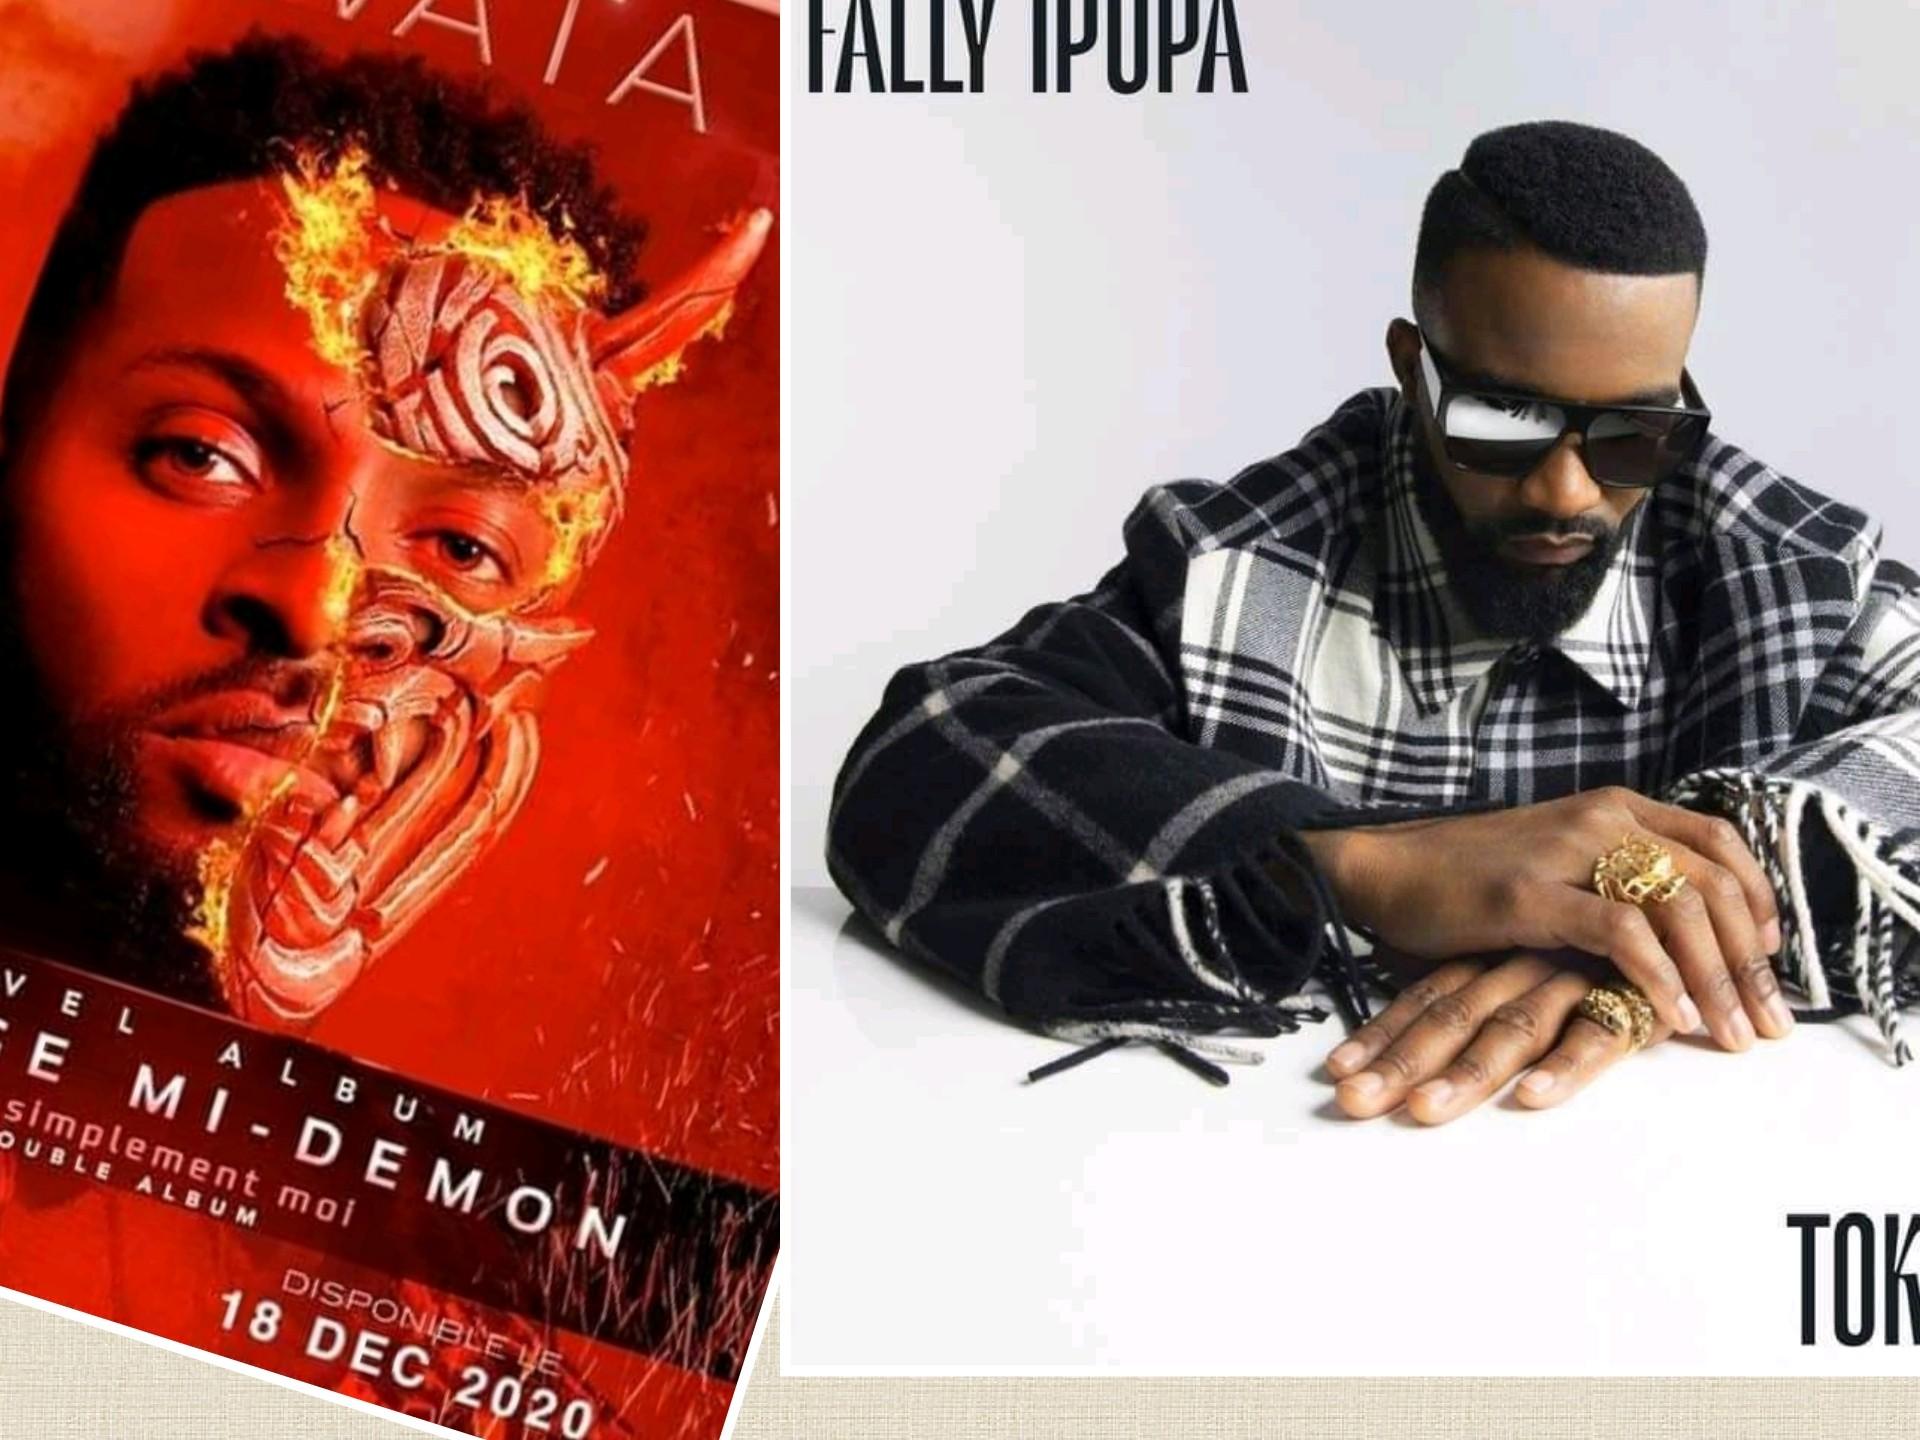 Le 18 décembre, il va se passer quelque chose dans la musique congolaise